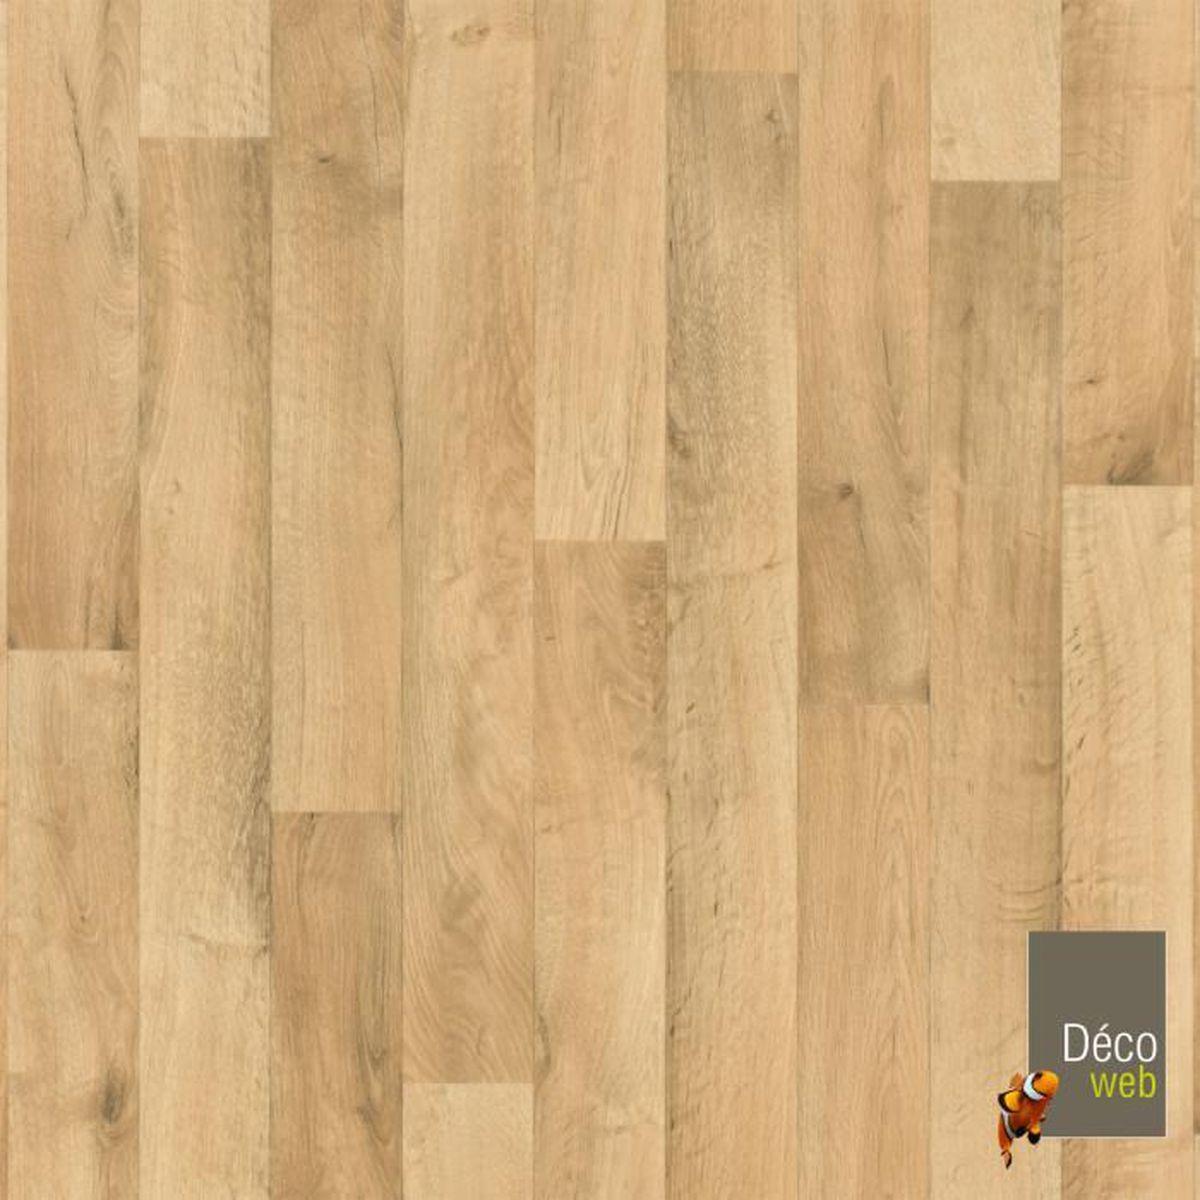 Sol Pvc Salle A Manger sol pvc best imitation parquet hêtre brun clair - 2m x 30ml